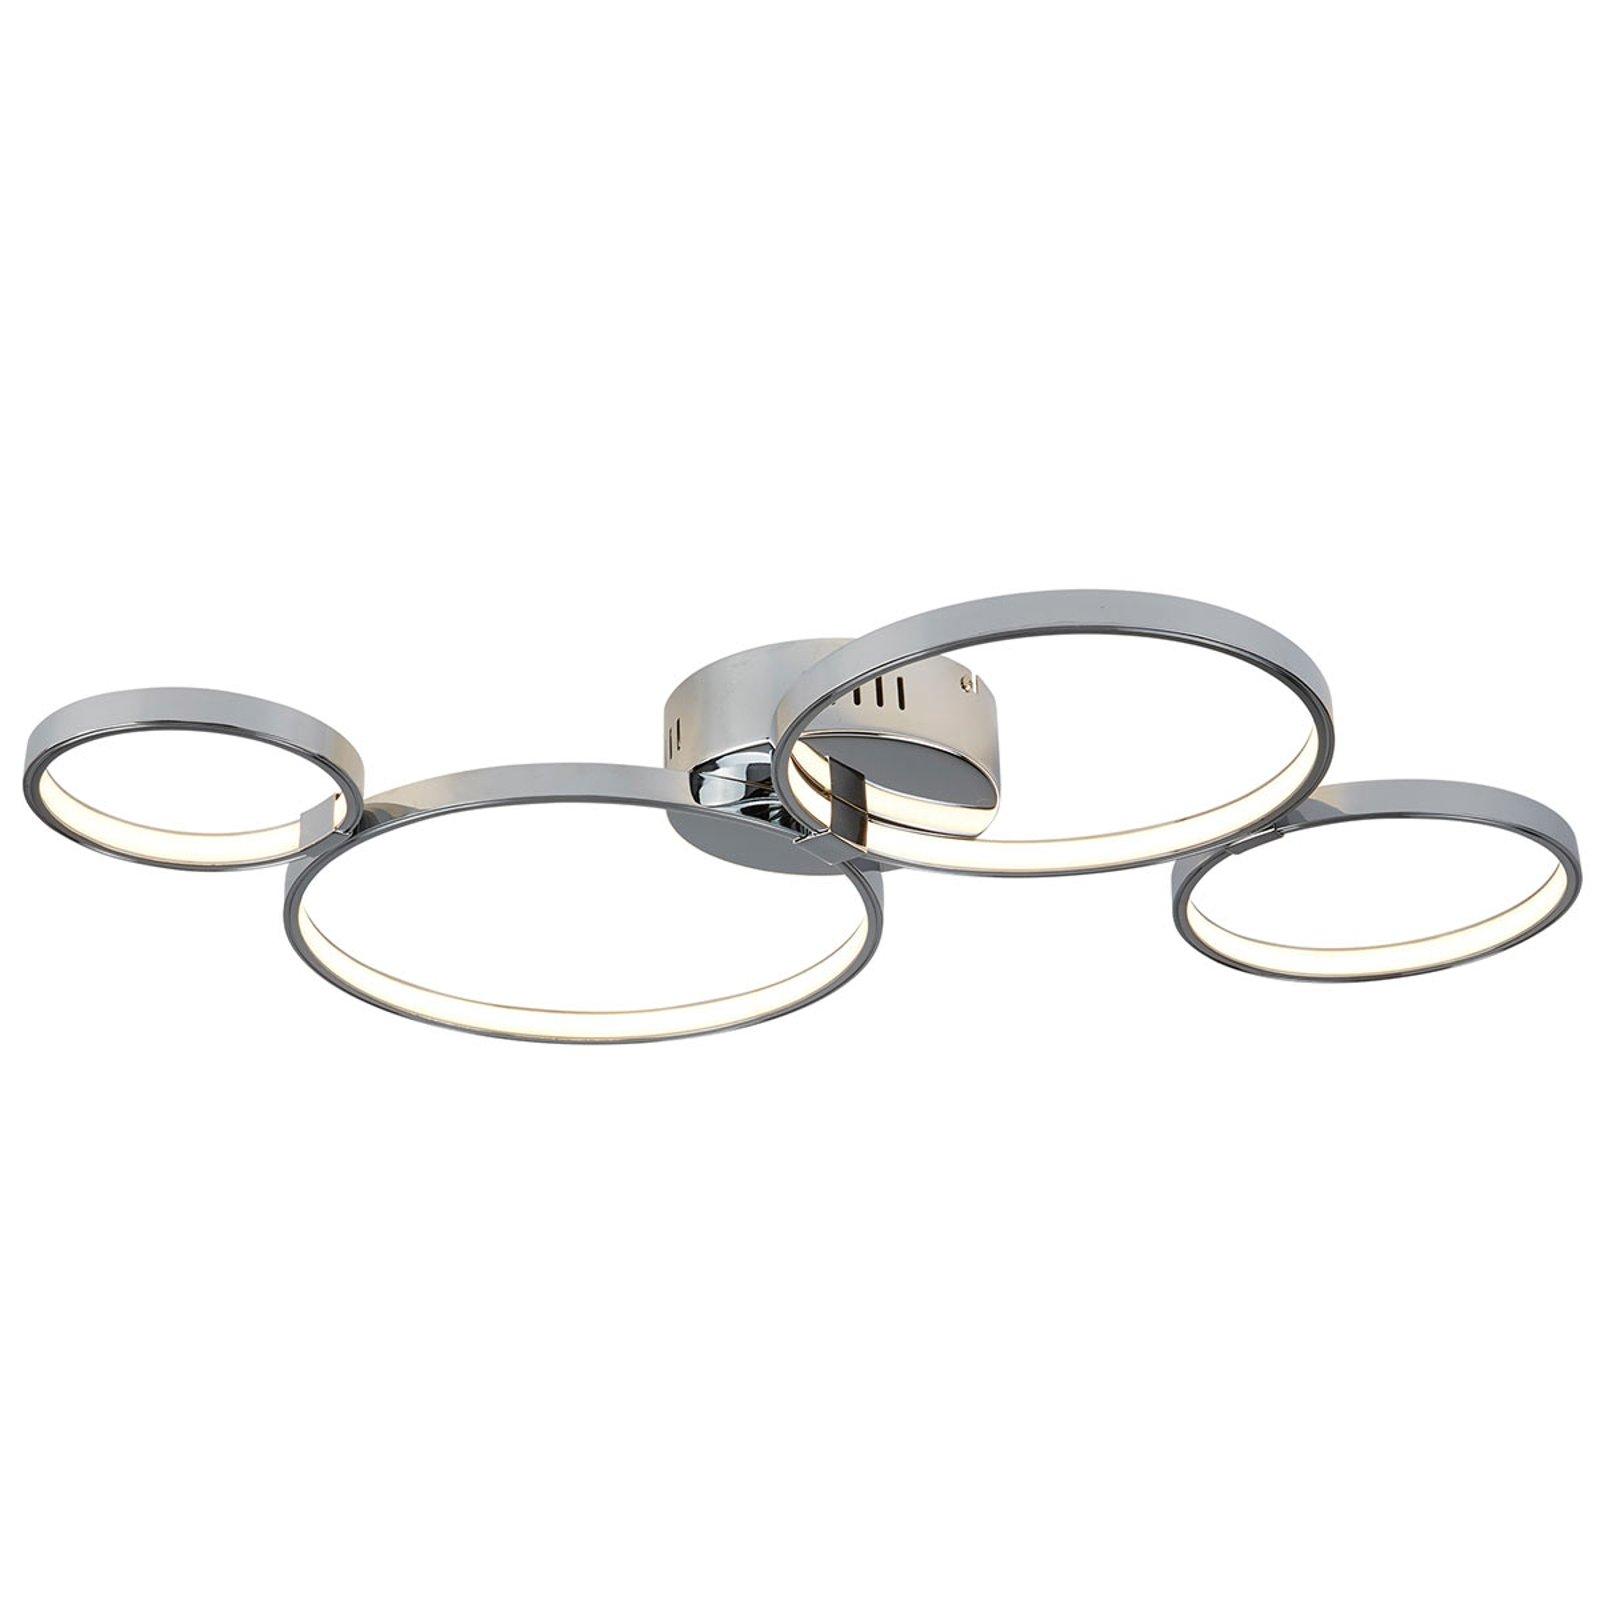 Ringformet LED-taklampe Solexa i kromstil